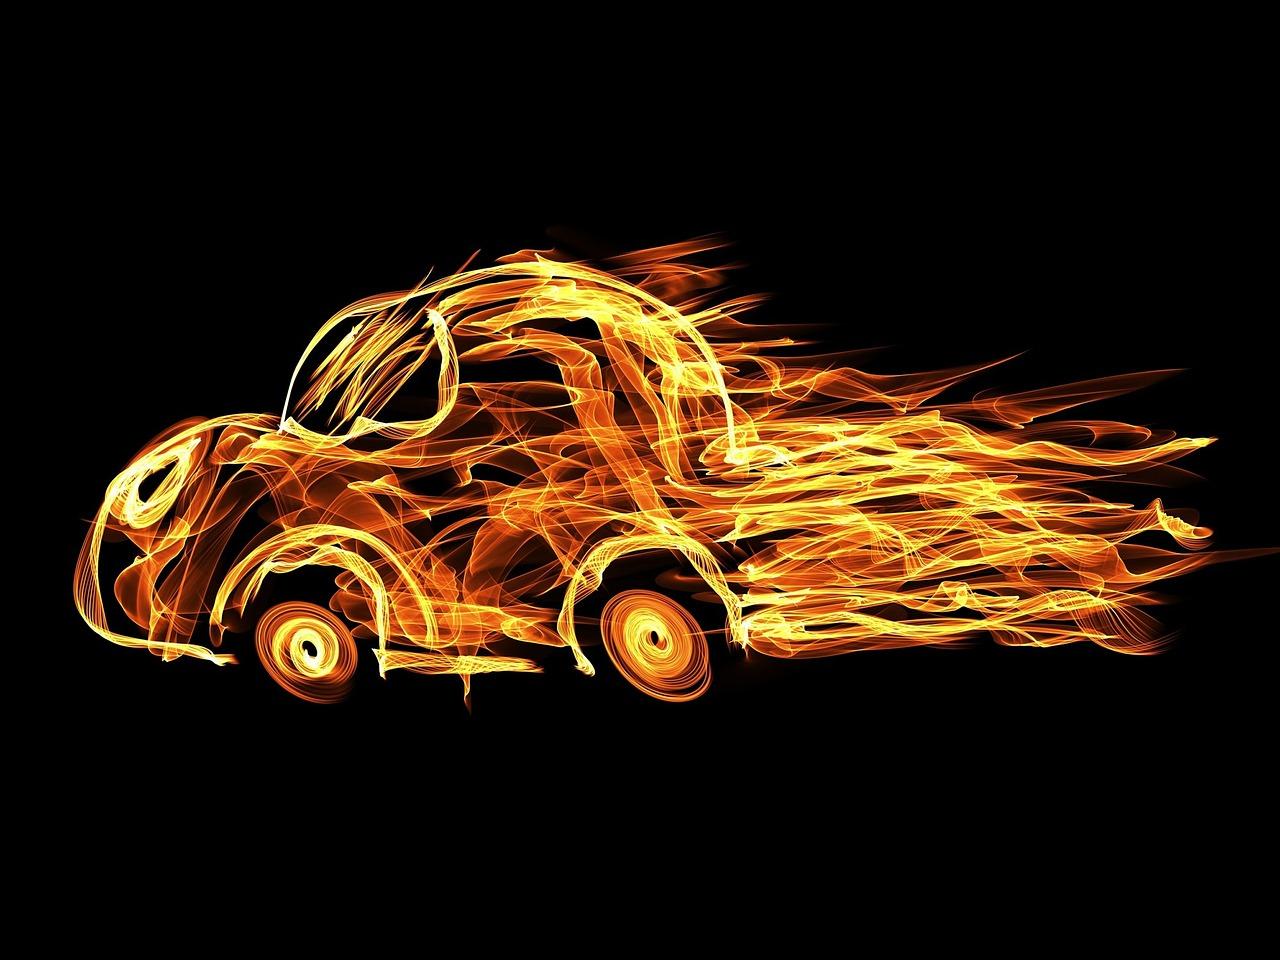 Hot, Car